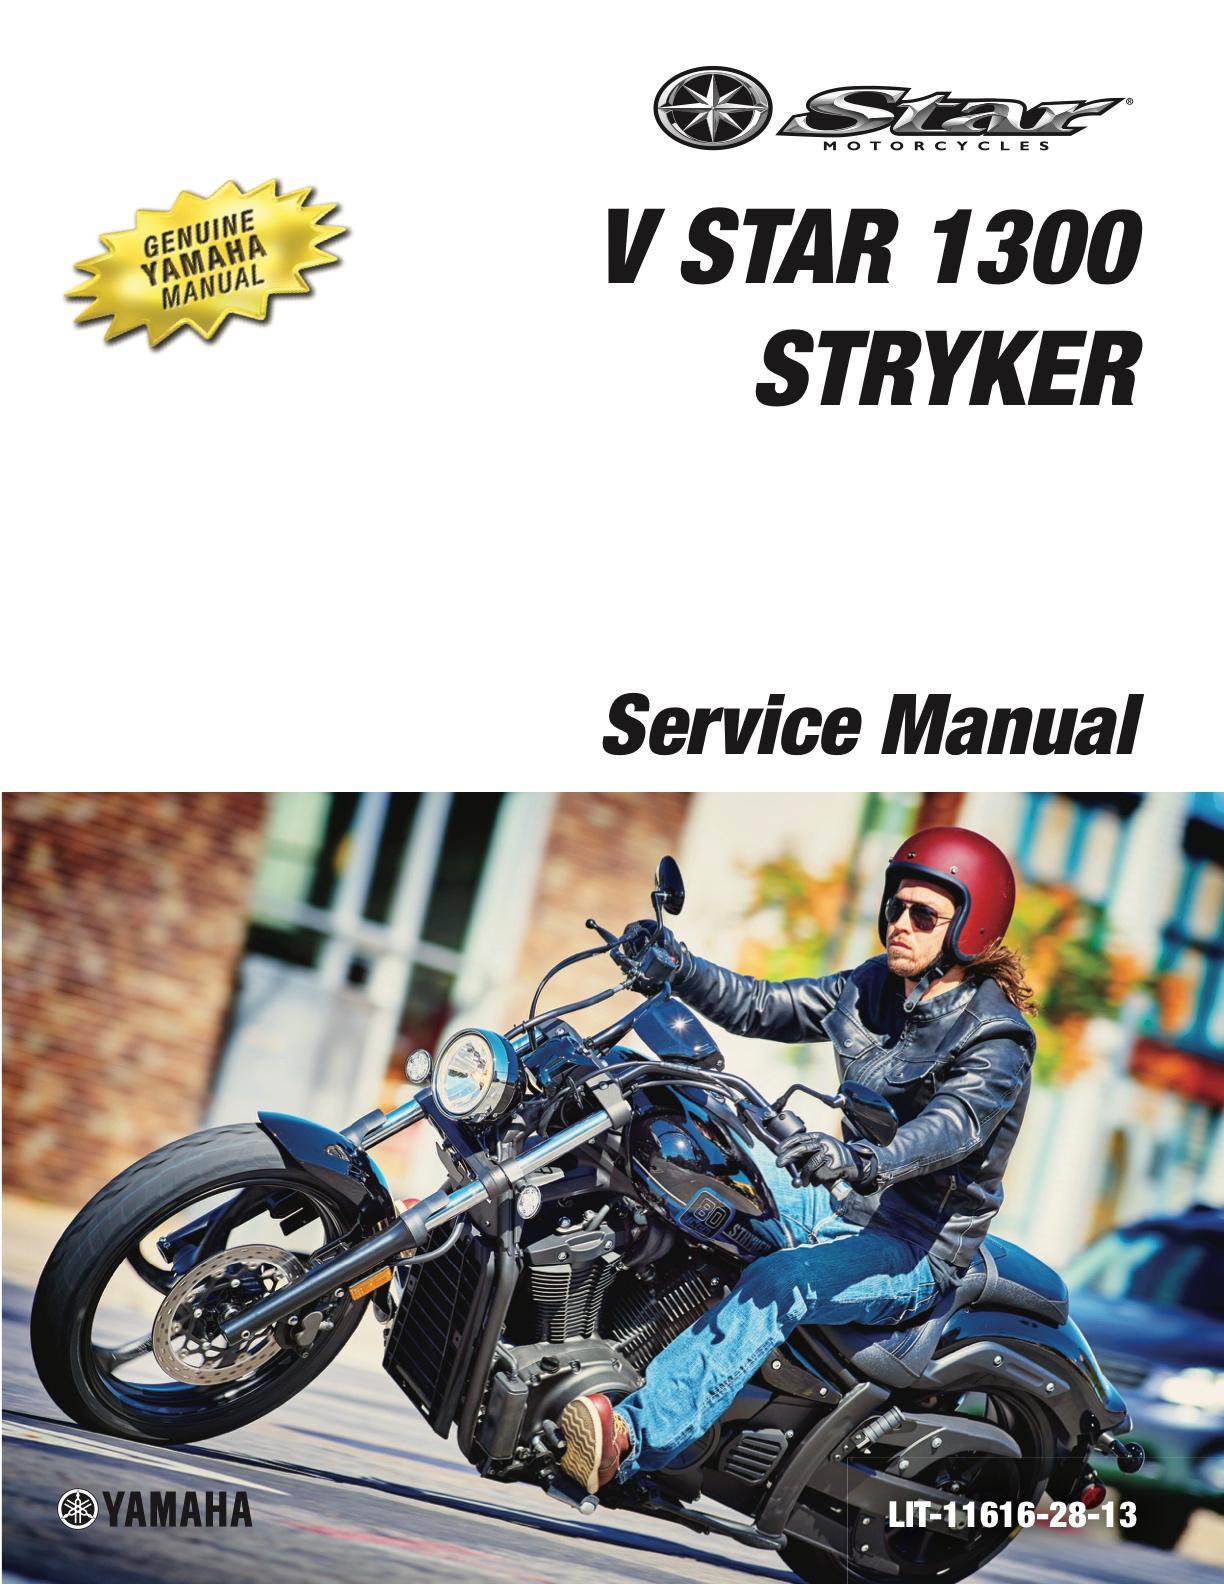 yamaha v star 1300 service manual download